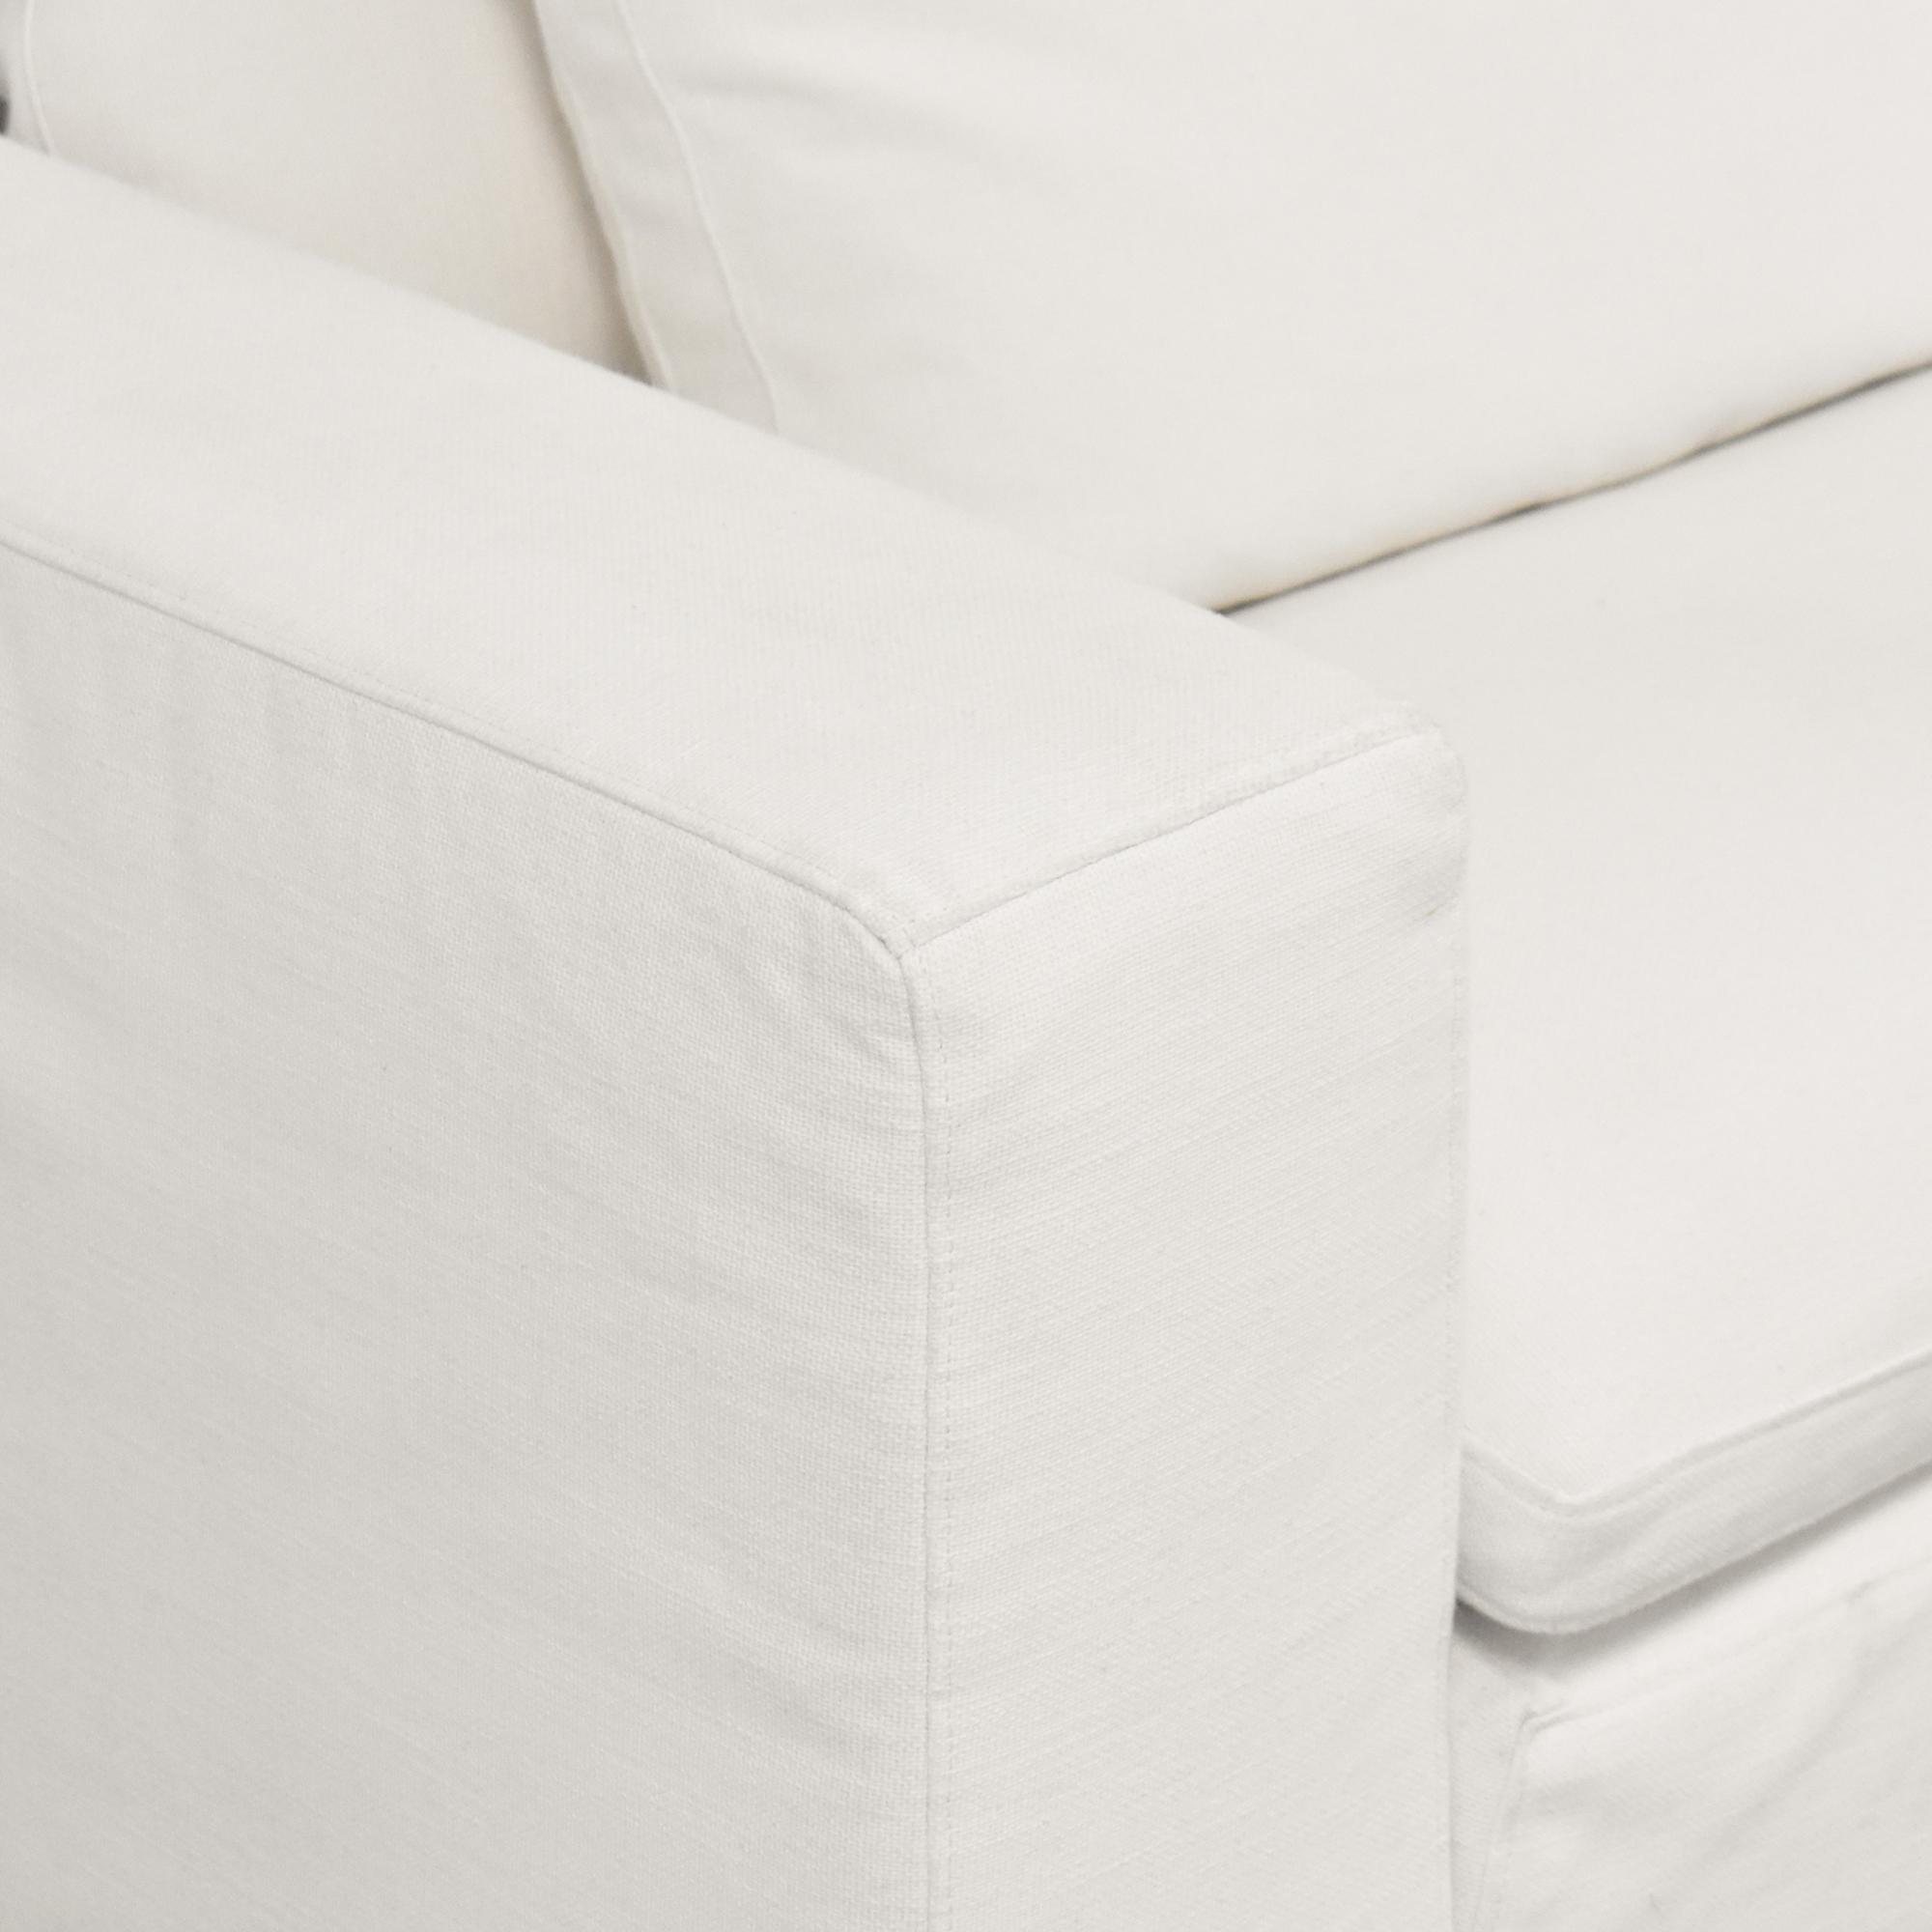 Restoration Hardware Restoration Hardware Cloud Two-Seat-Cushion Sofa Sofas